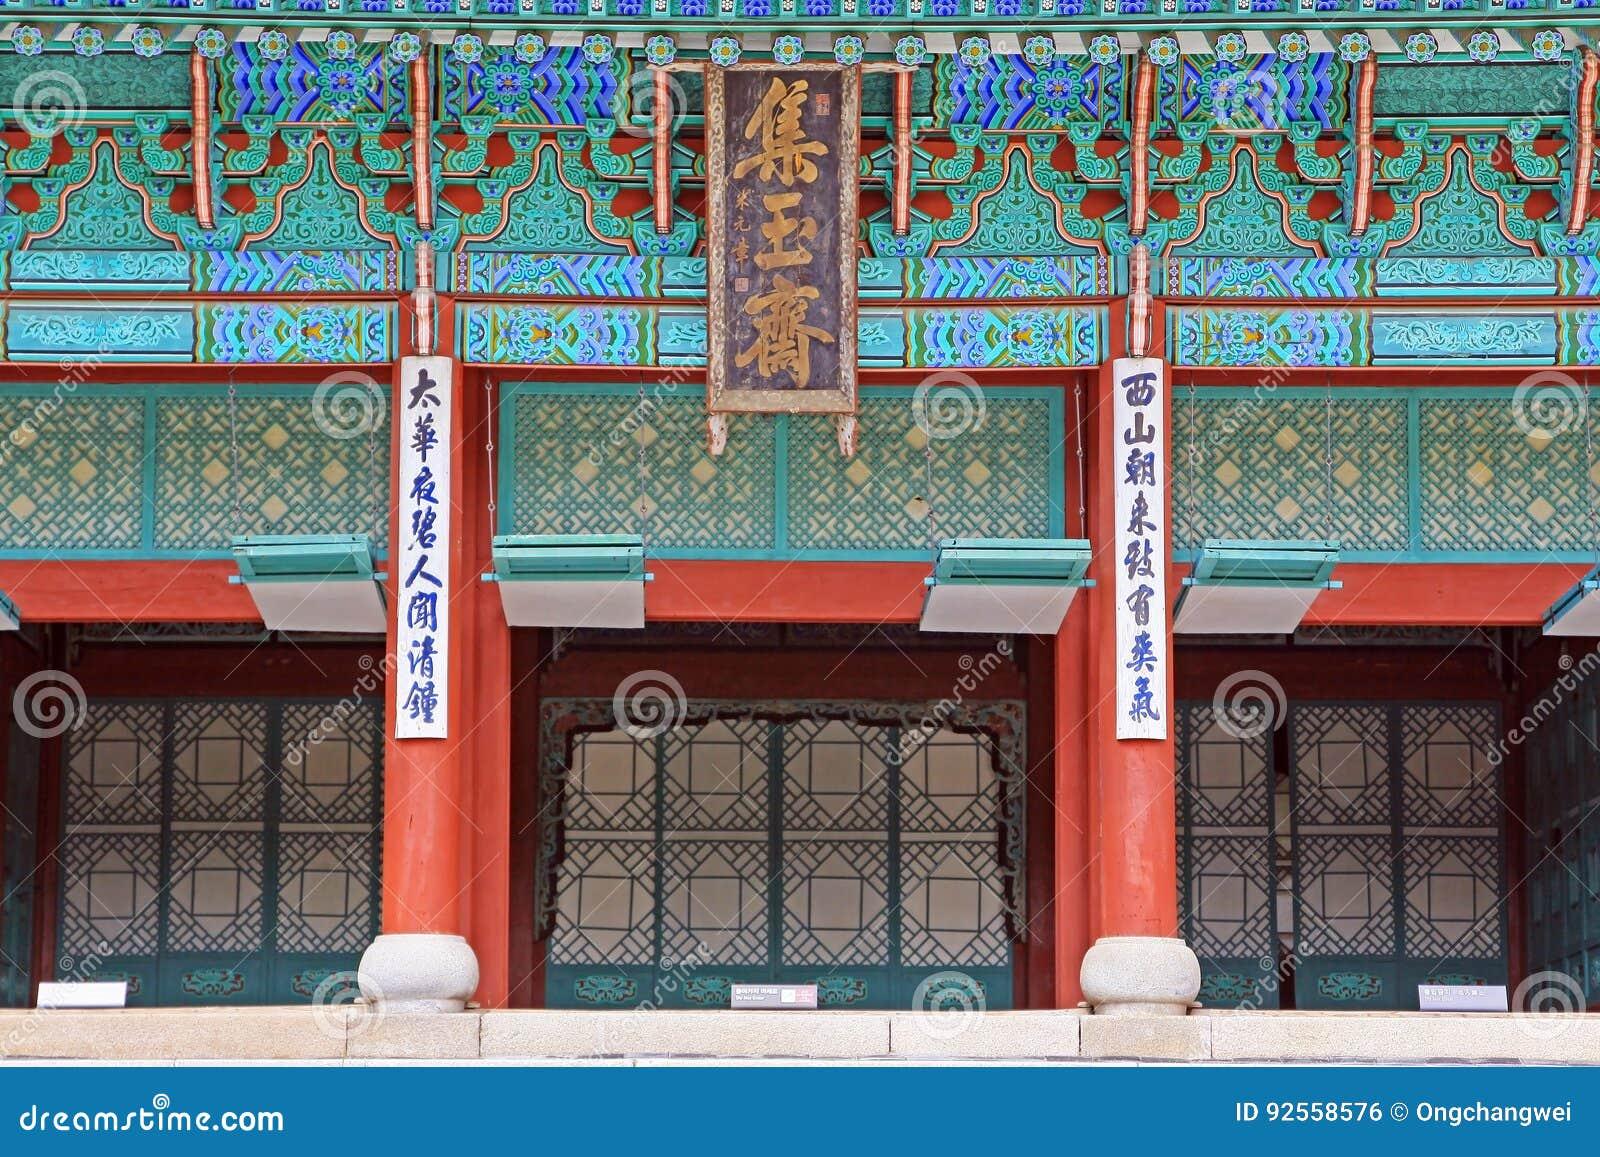 Palazzo della Corea Seoul Gyeongbokgung, Jibokjae